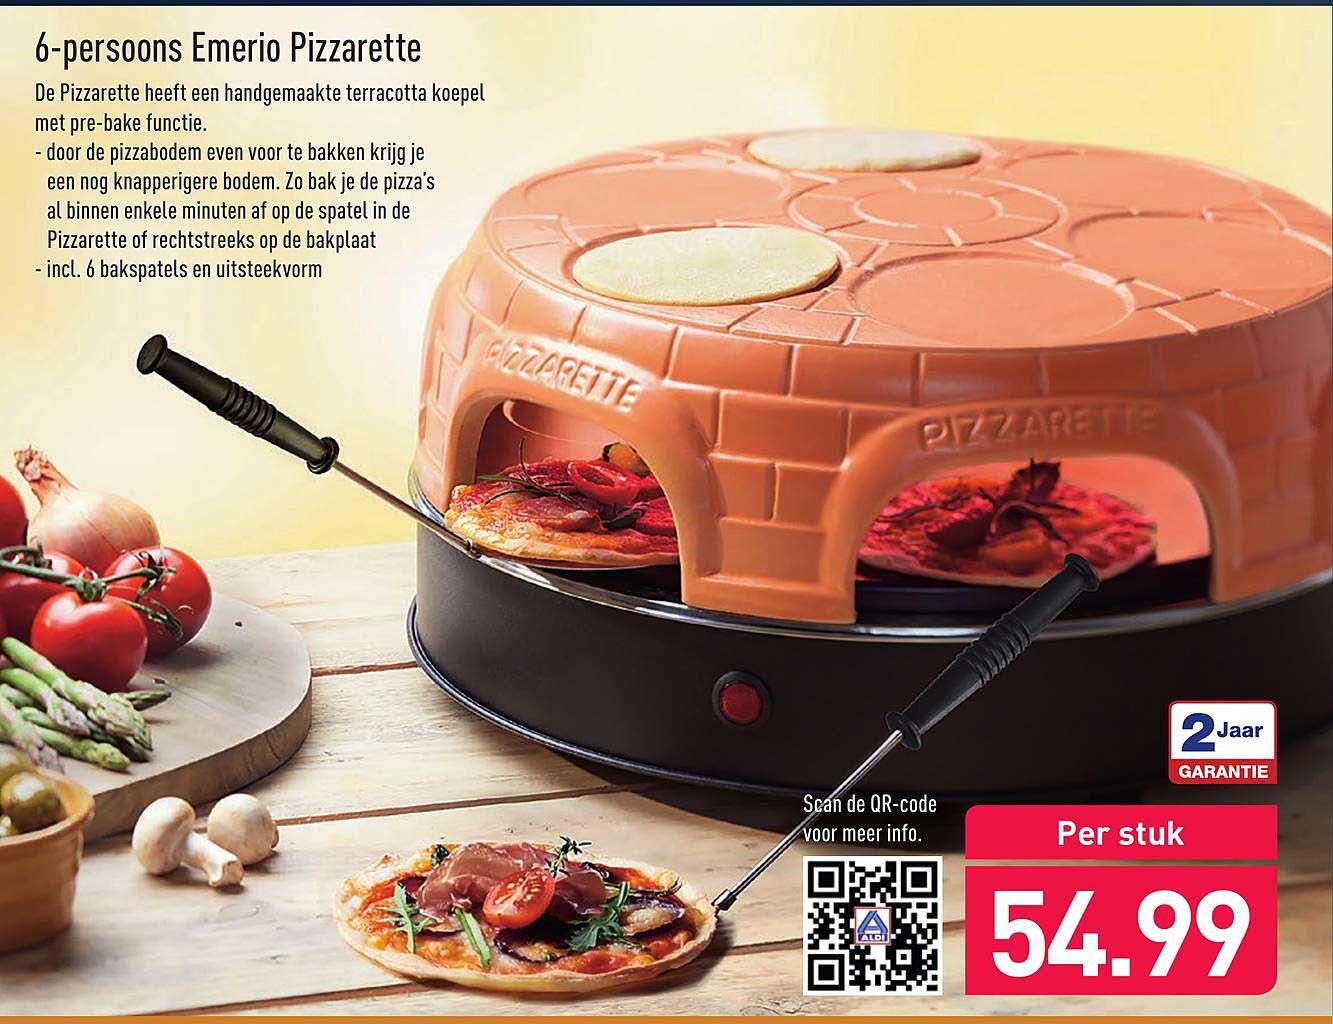 ALDI 6-Persoons Emerio Pizzarette